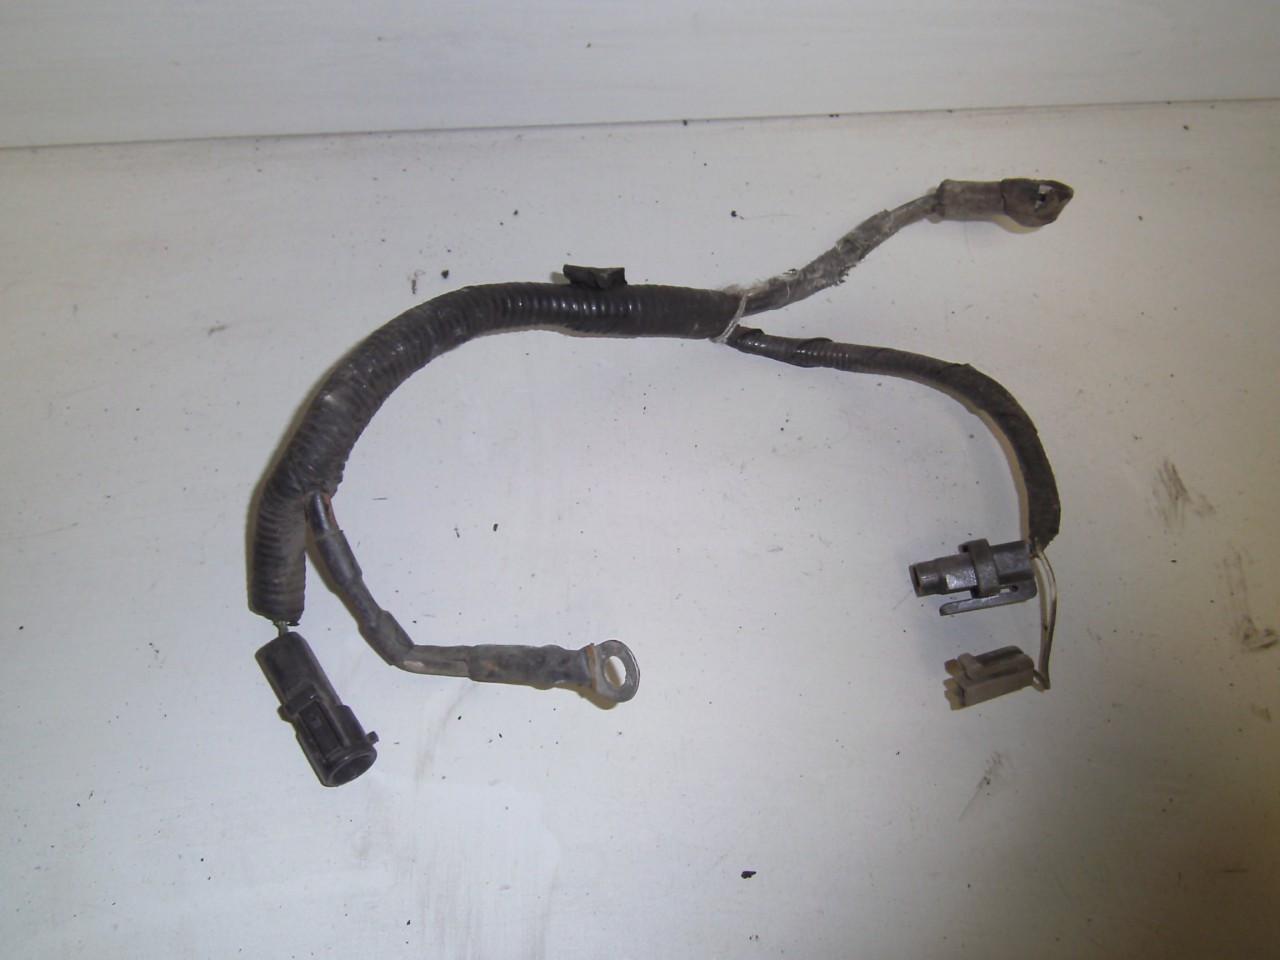 small resolution of 1994 2000 ford mustang 3 8 alternator wire harness lx f8zb 14305 aa f4zb ah 1967 mustang alternator wiring harness mustang alternator wiring harness